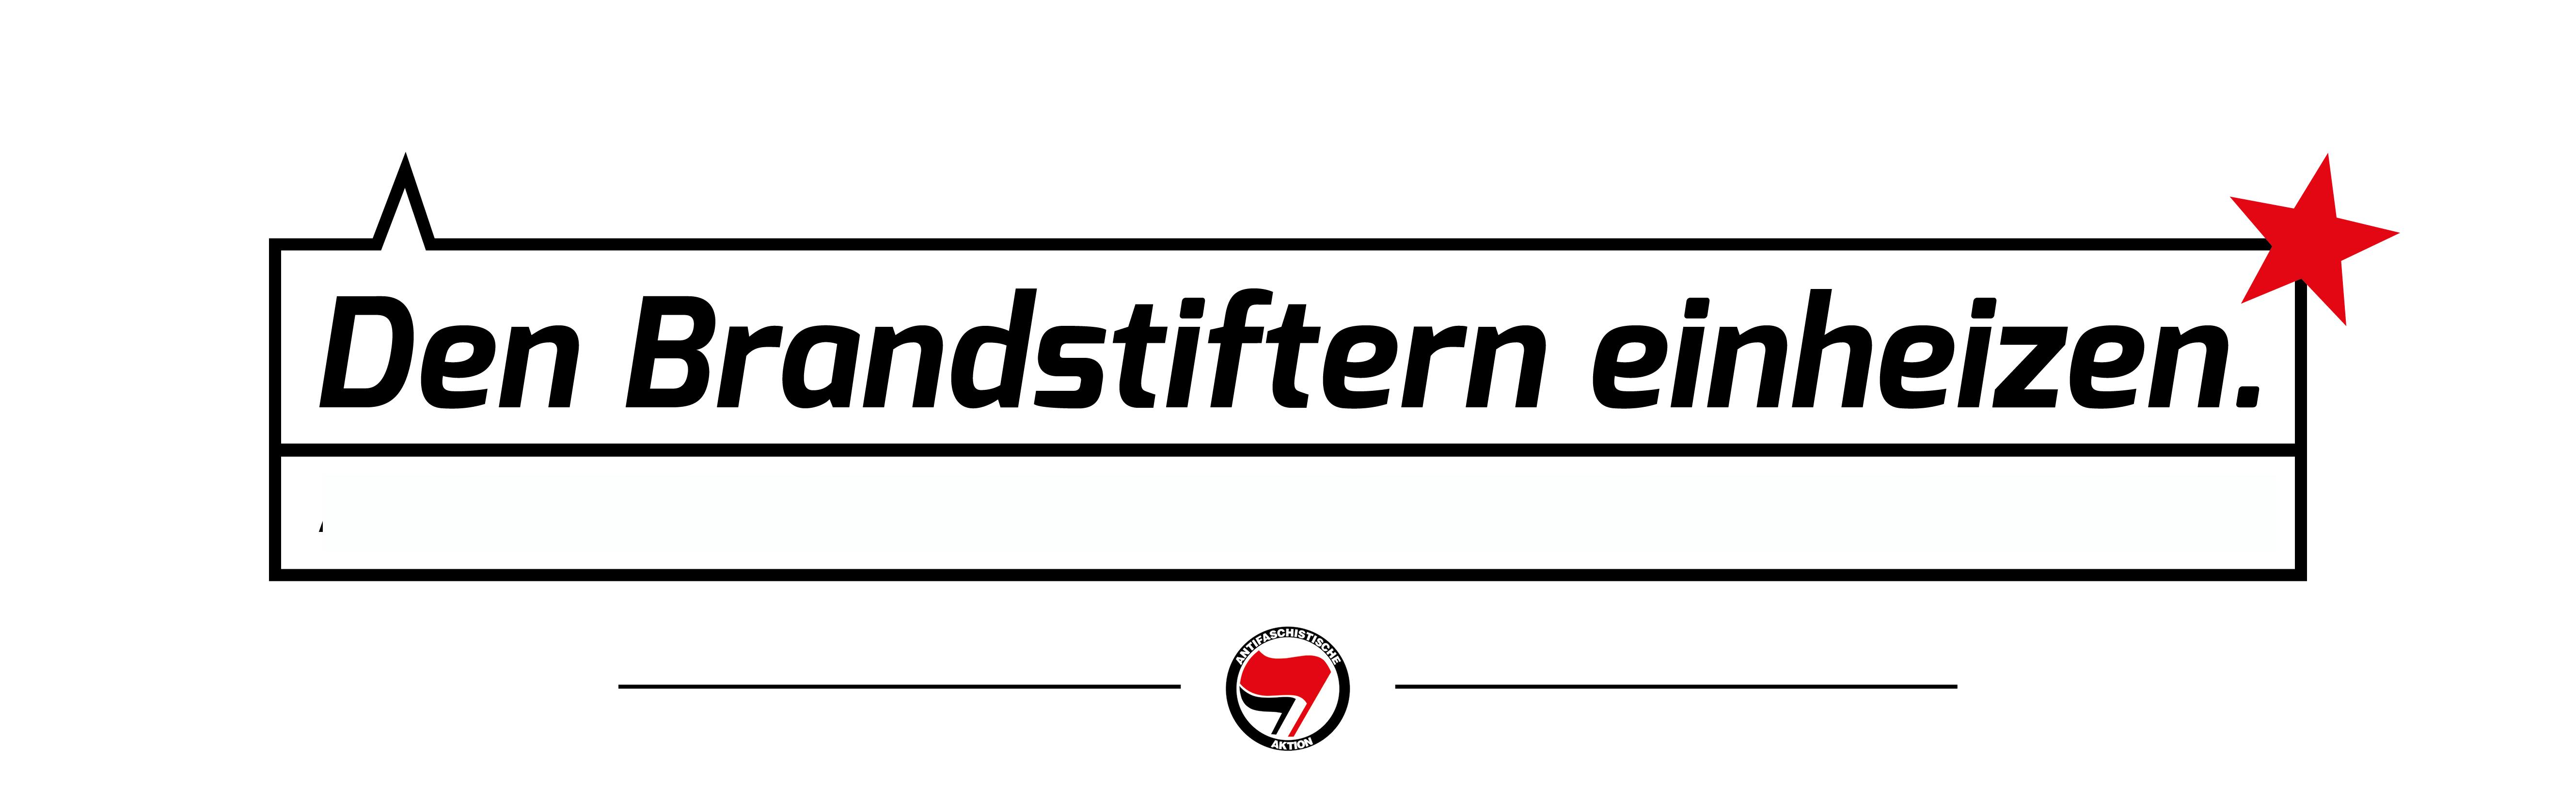 transpi-vorlage_1_vorzeichnen